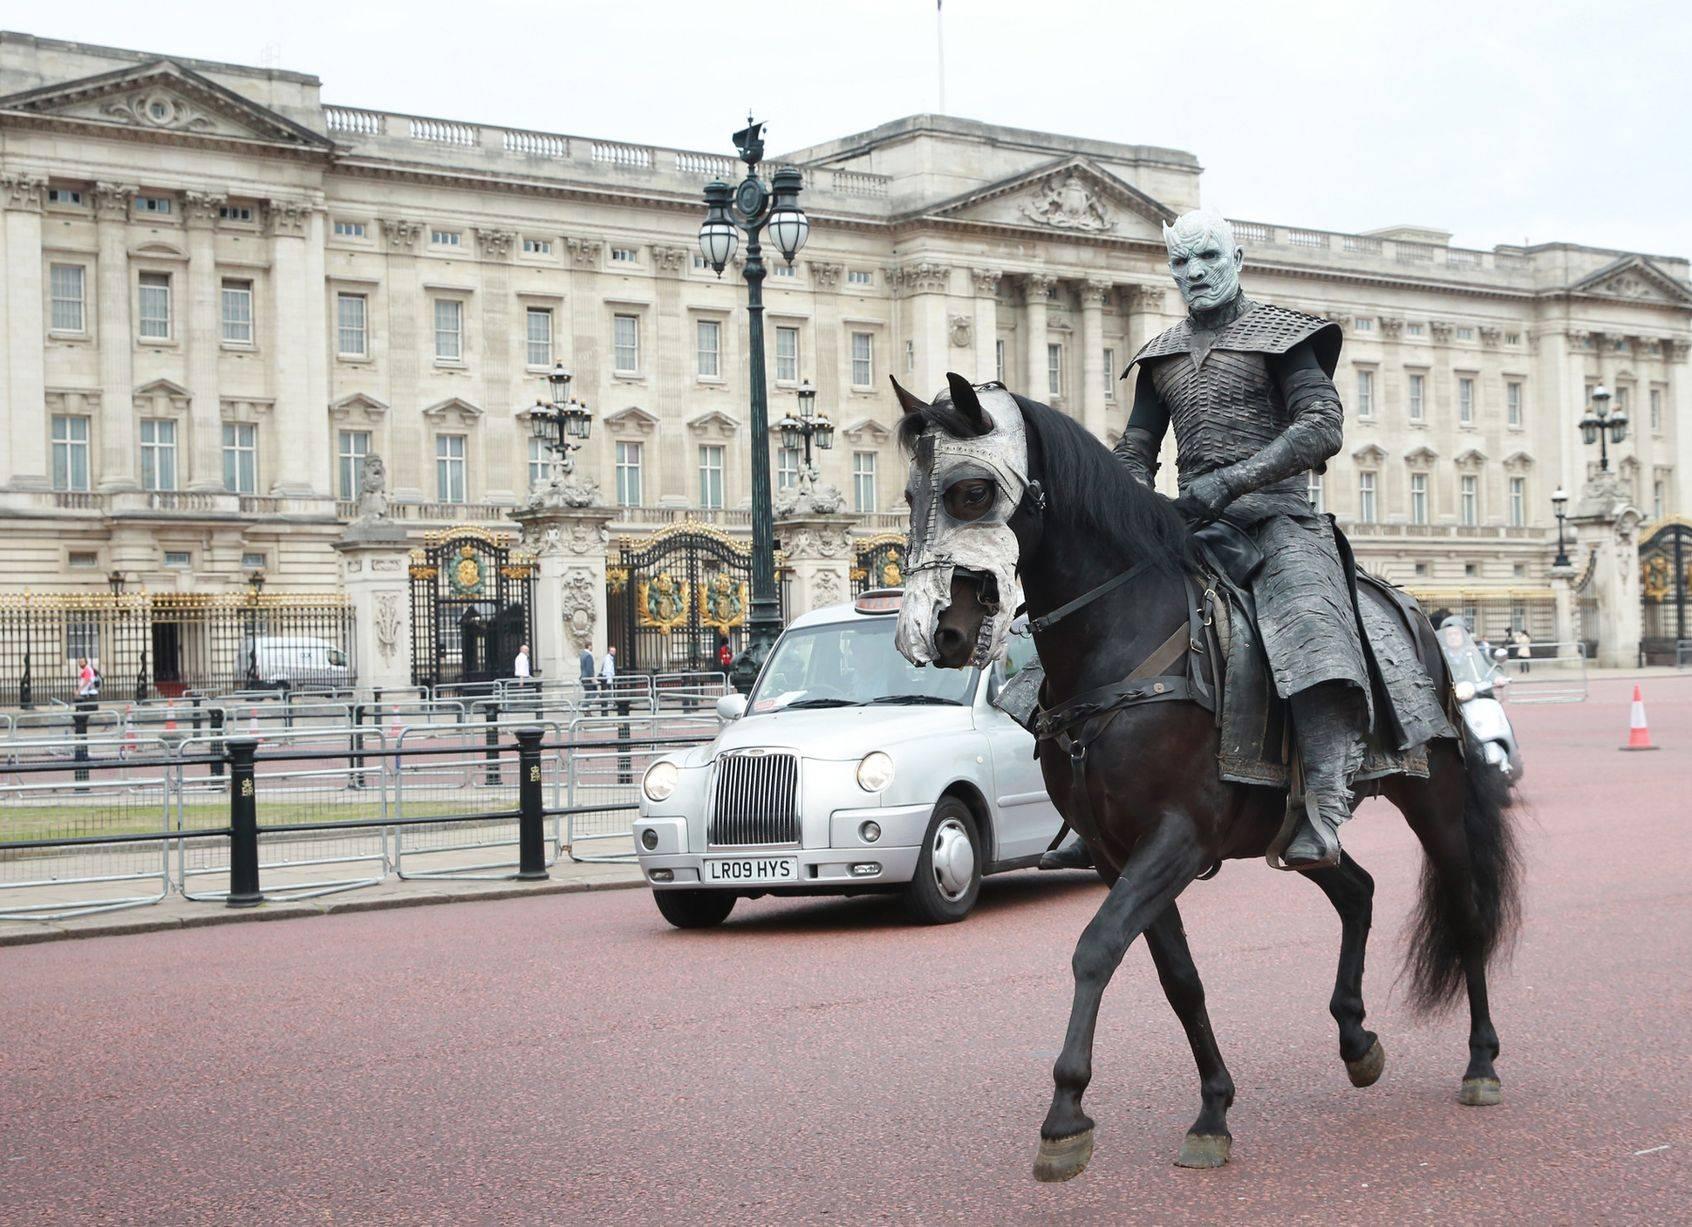 Фото: Белые ходоки из «Игры престолов» прошлись по Лондону 12